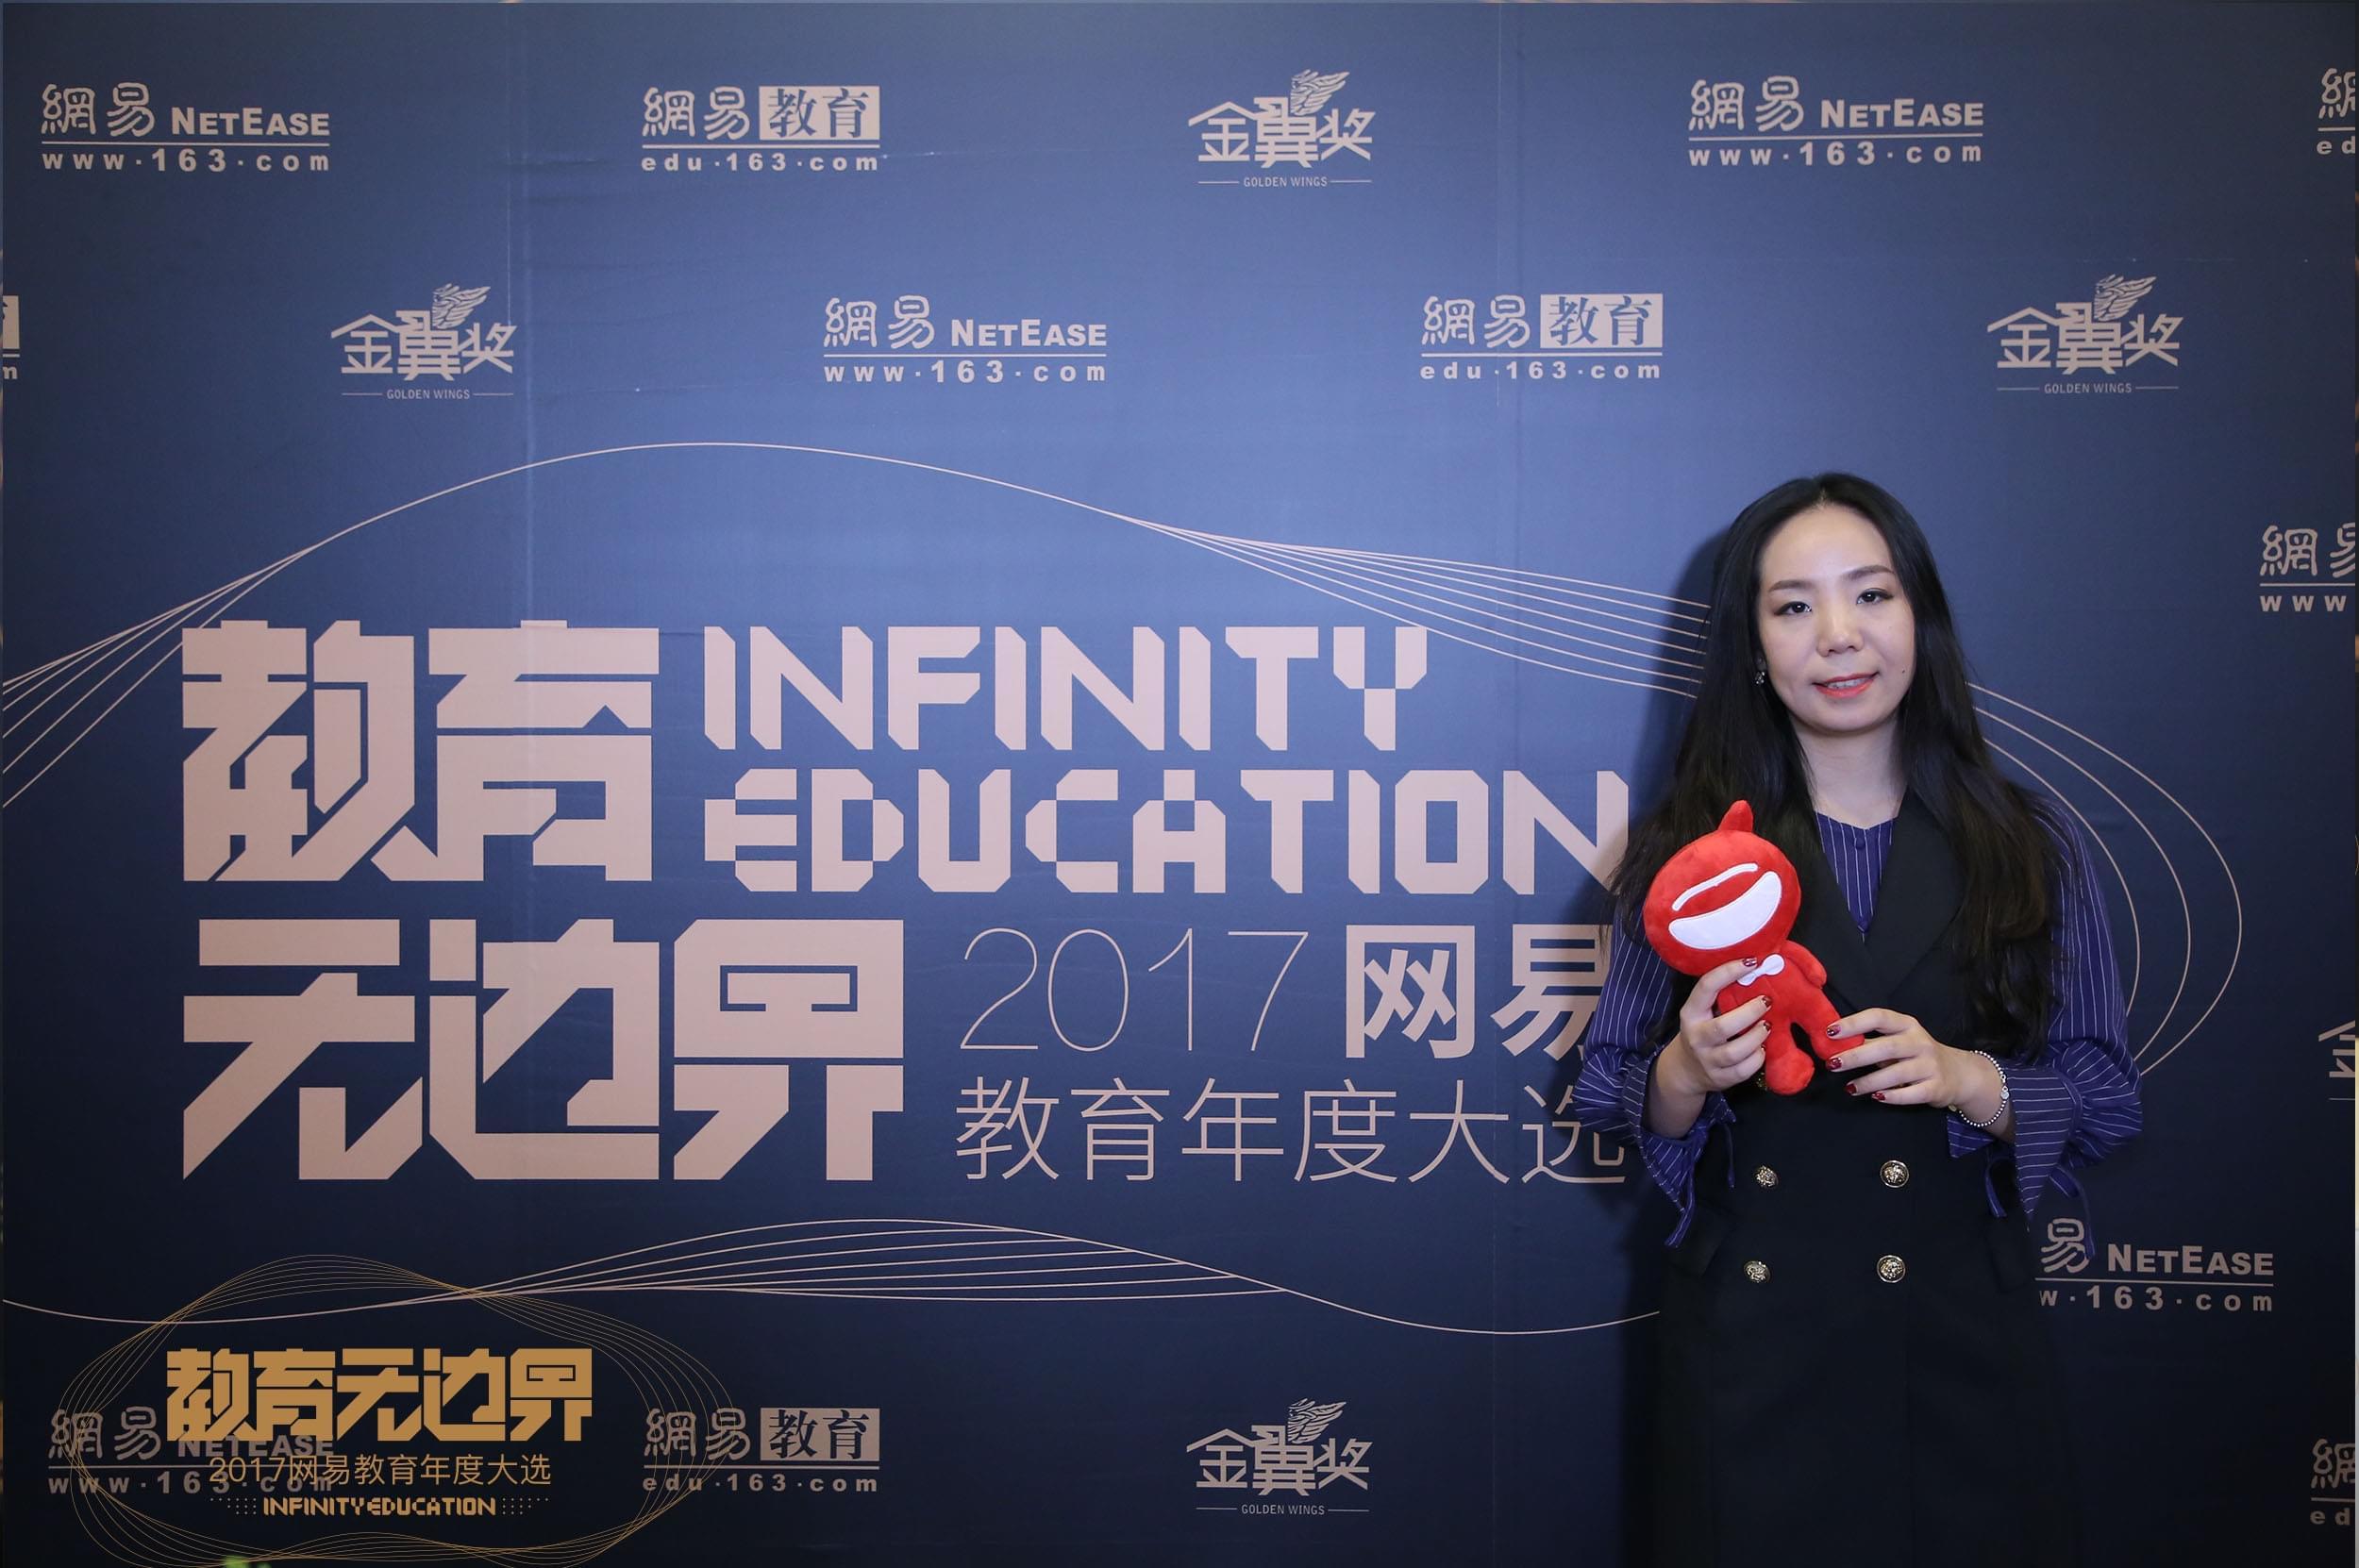 乂学教育蔡晶晶:互联网教育颠覆了传统教育模式